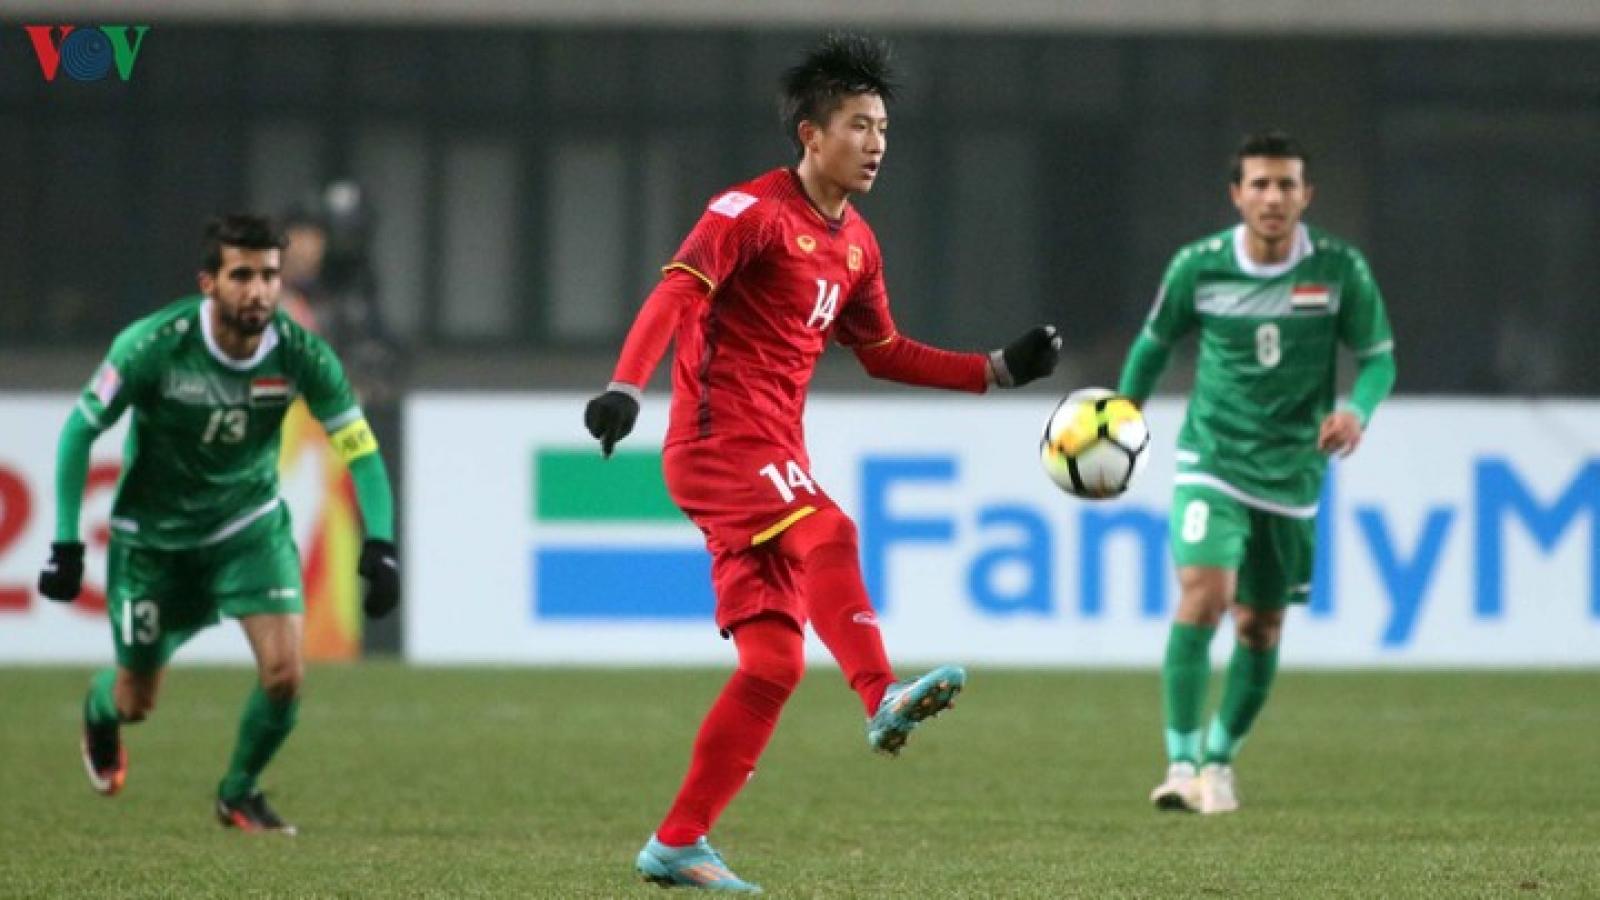 Clip: Bàn thắng đưa Phan Văn Đức bước ra ánh sáng dưới thời HLV Park Hang Seo